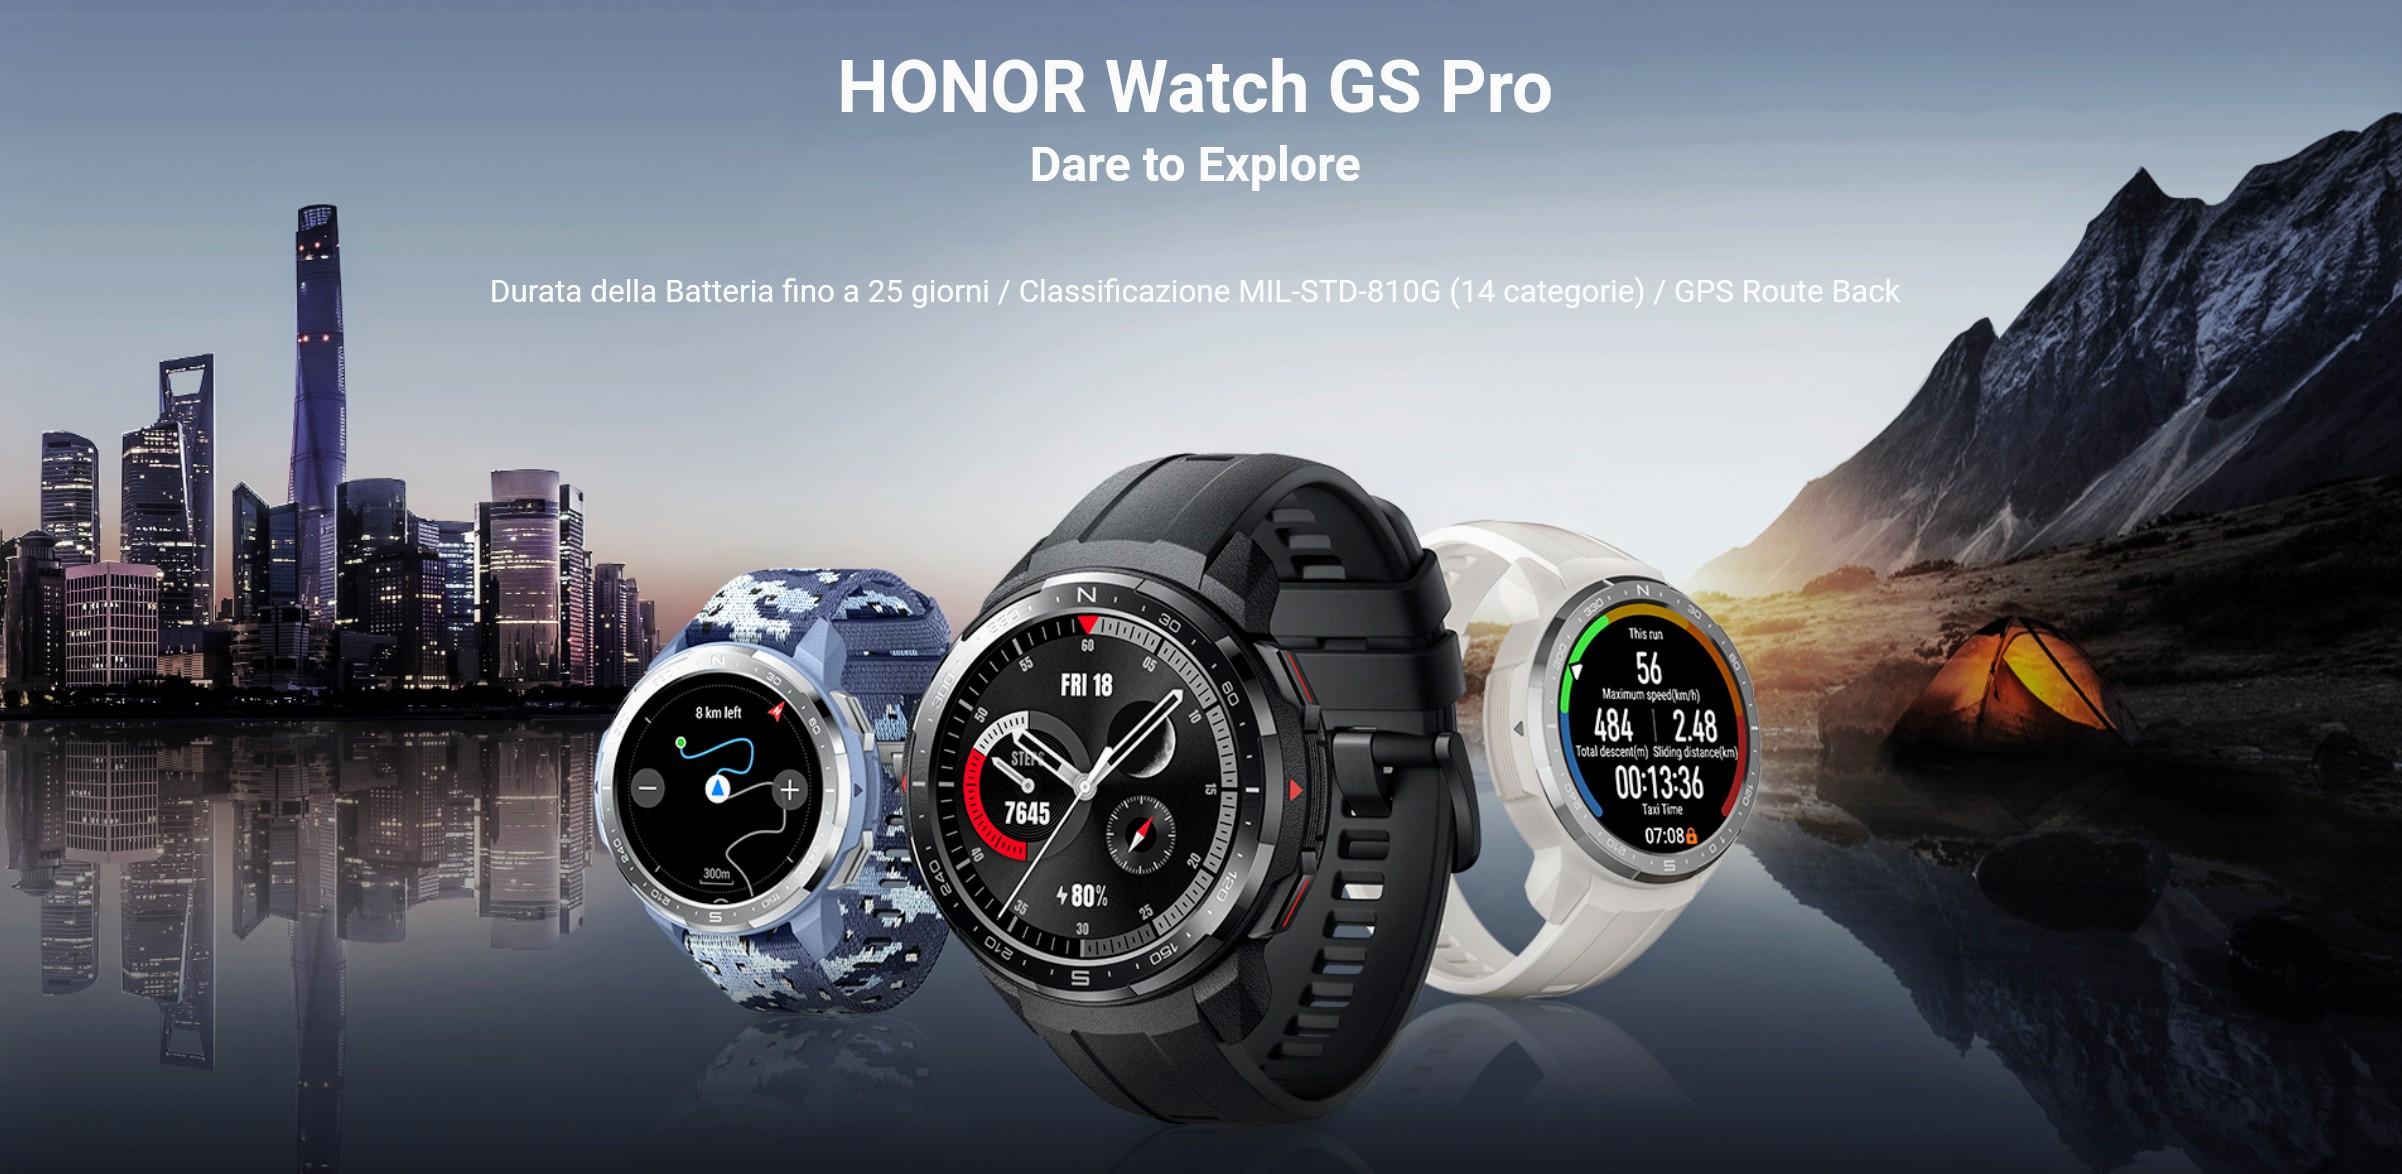 HONOR Watch GS Pro è stato presentato ufficialmente: uno smartwatch rugged interessante